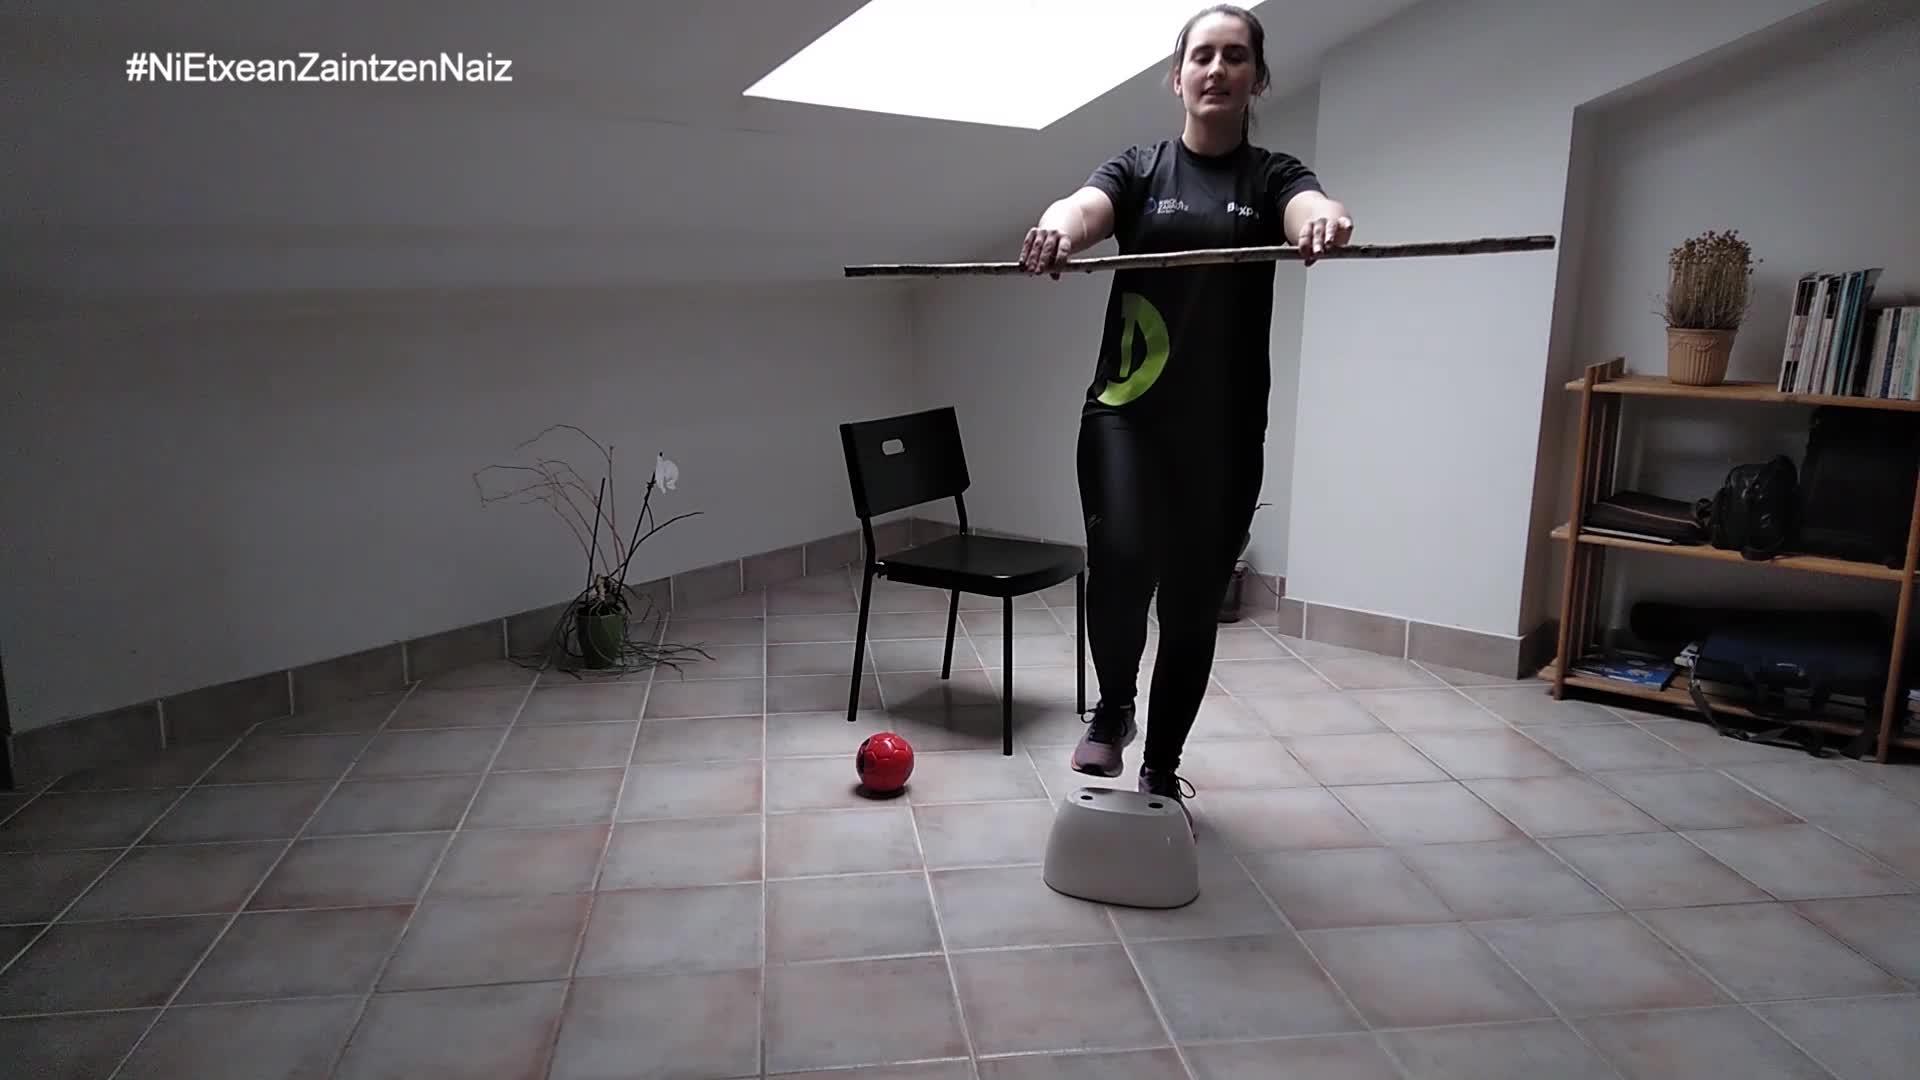 #NiEtxeanZaintzenNaiz: Zarauzko kiroldegiko begiraleek adinekoentzat prestatutako 29. saioa